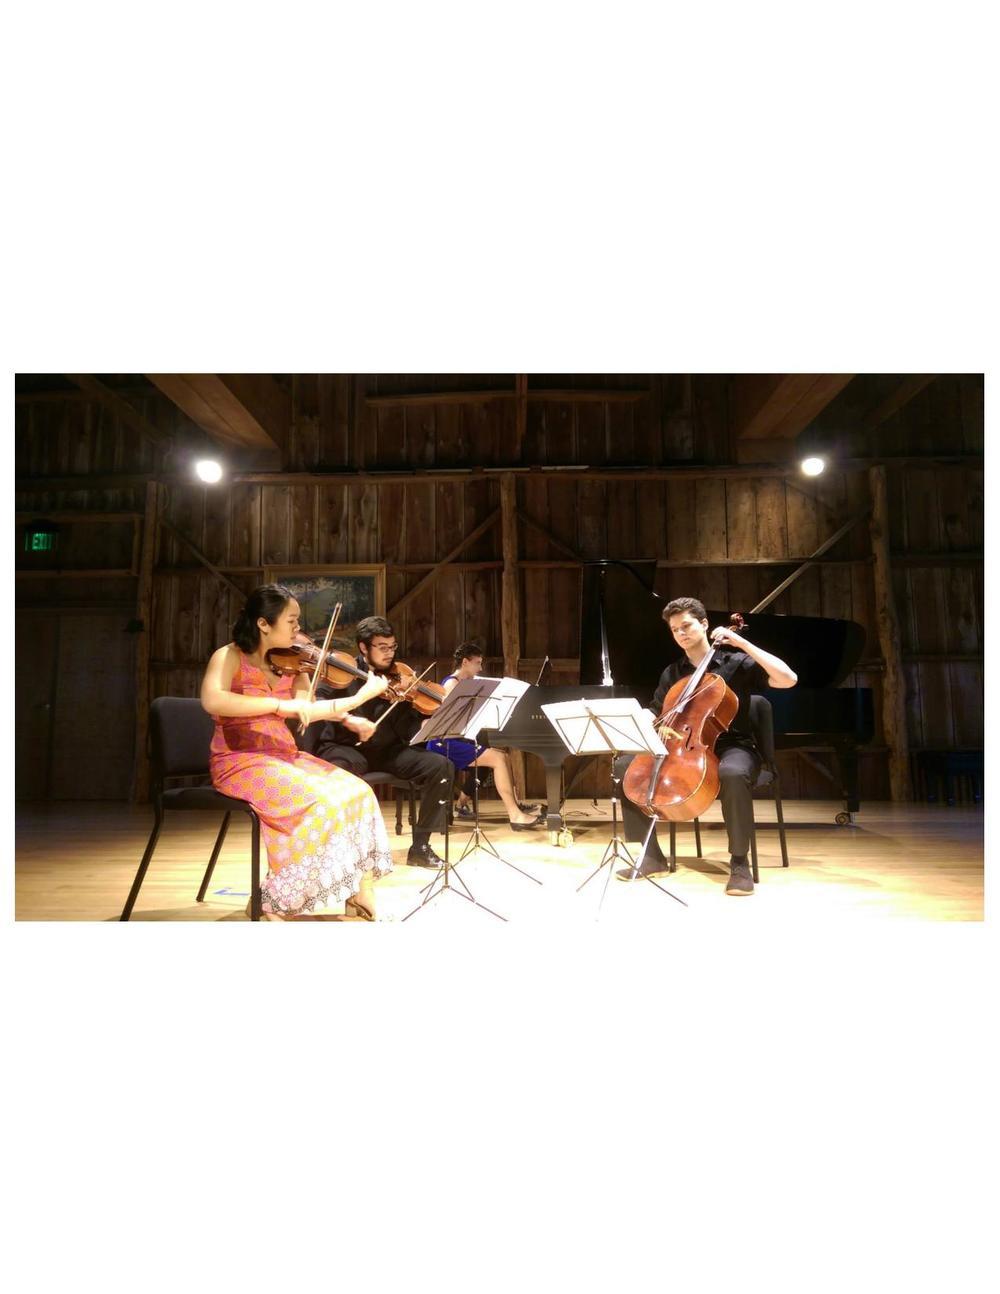 Performing Martinu Piano Quartet No. 1 at Garth Newel Music Center